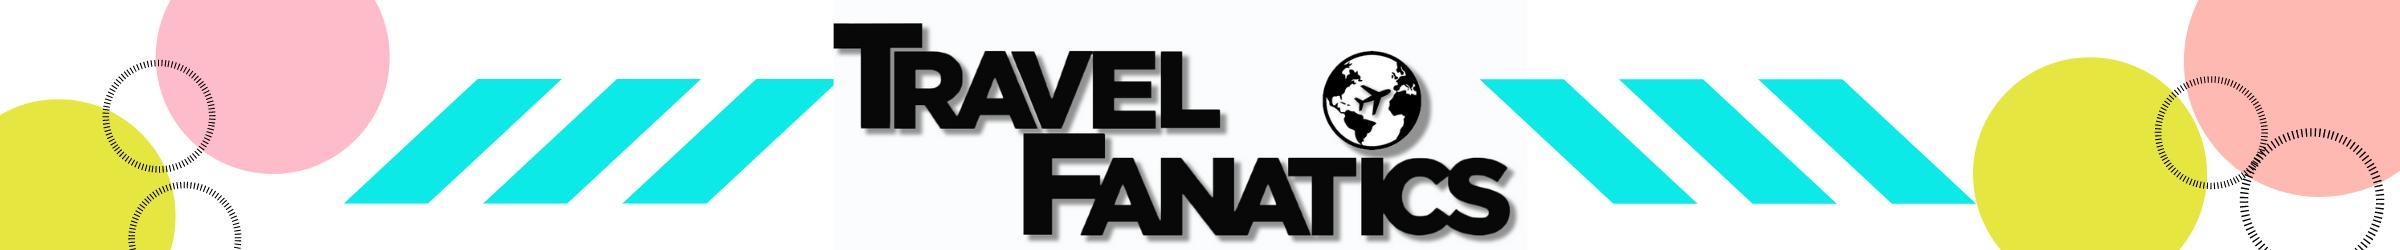 Travel Fanatics